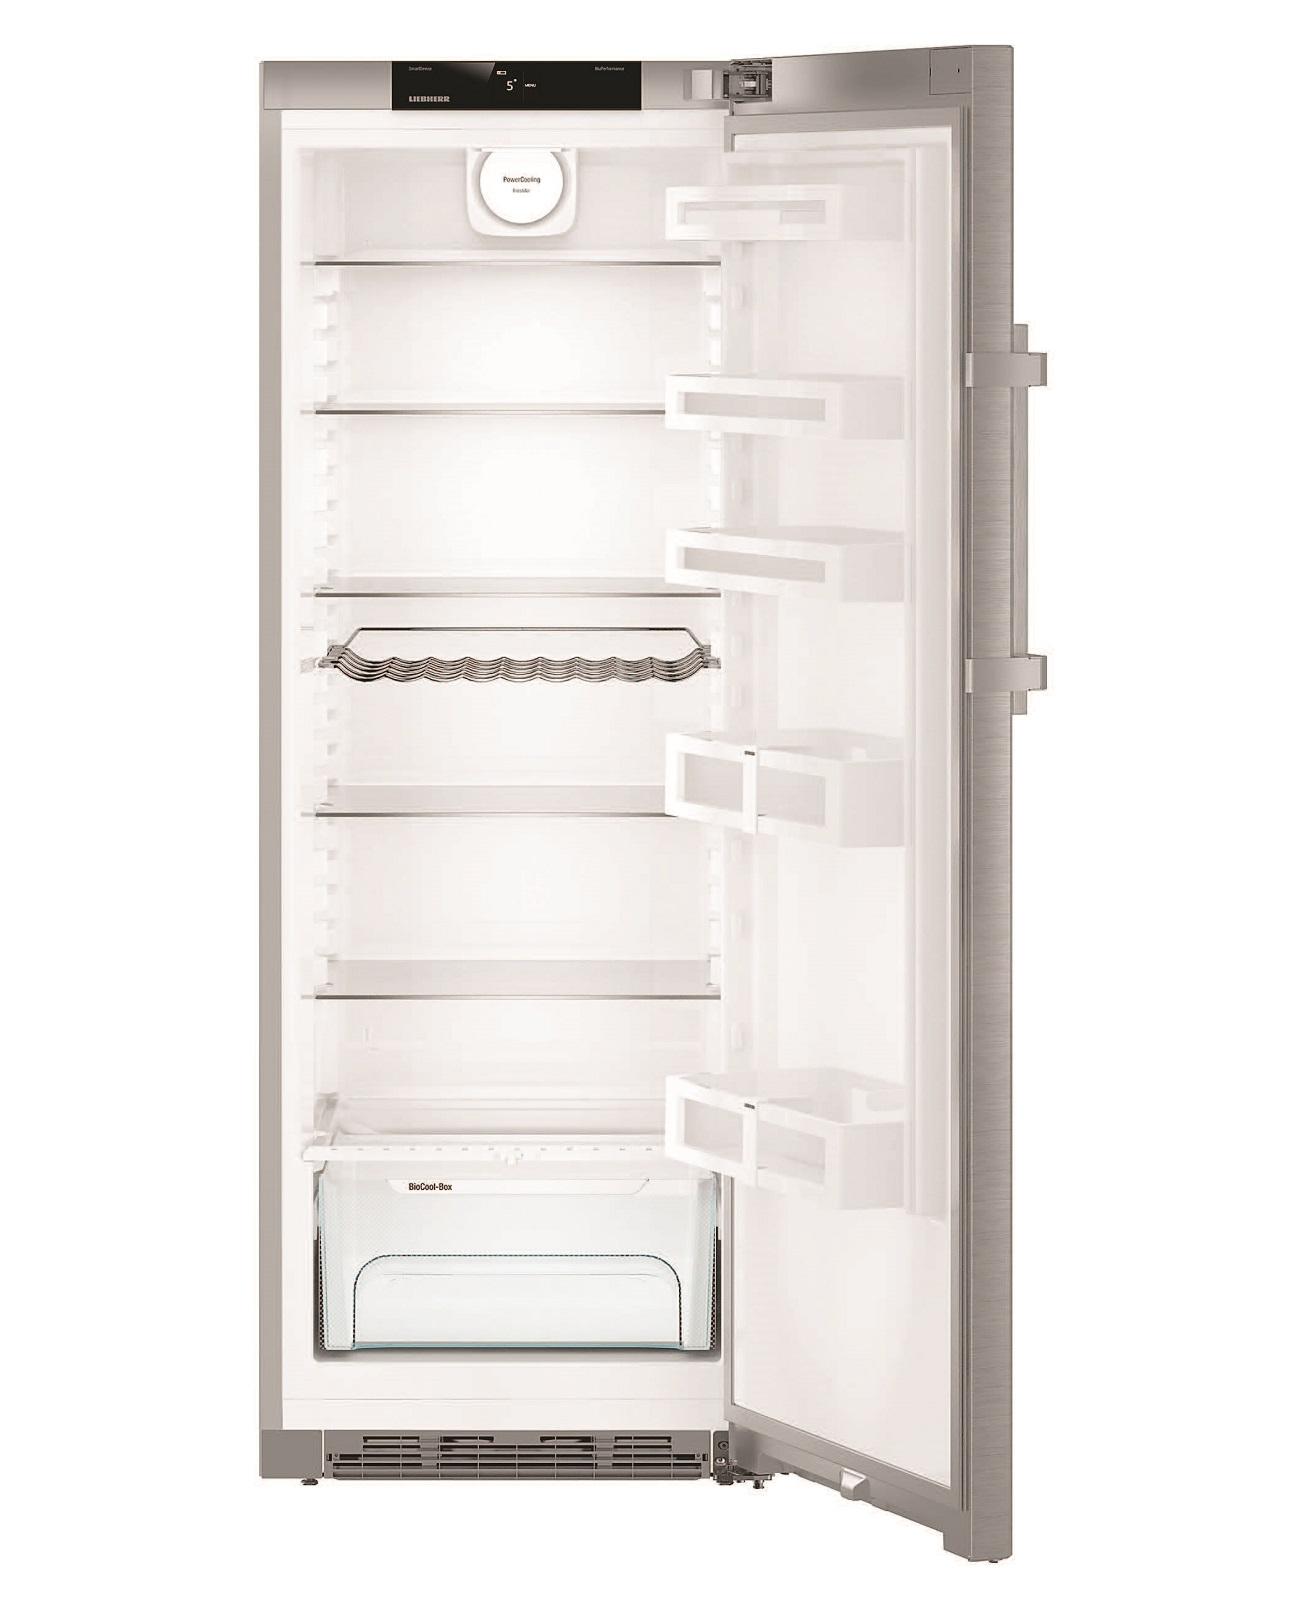 купить Однокамерный холодильник Liebherr Kef 3710 Украина фото 4